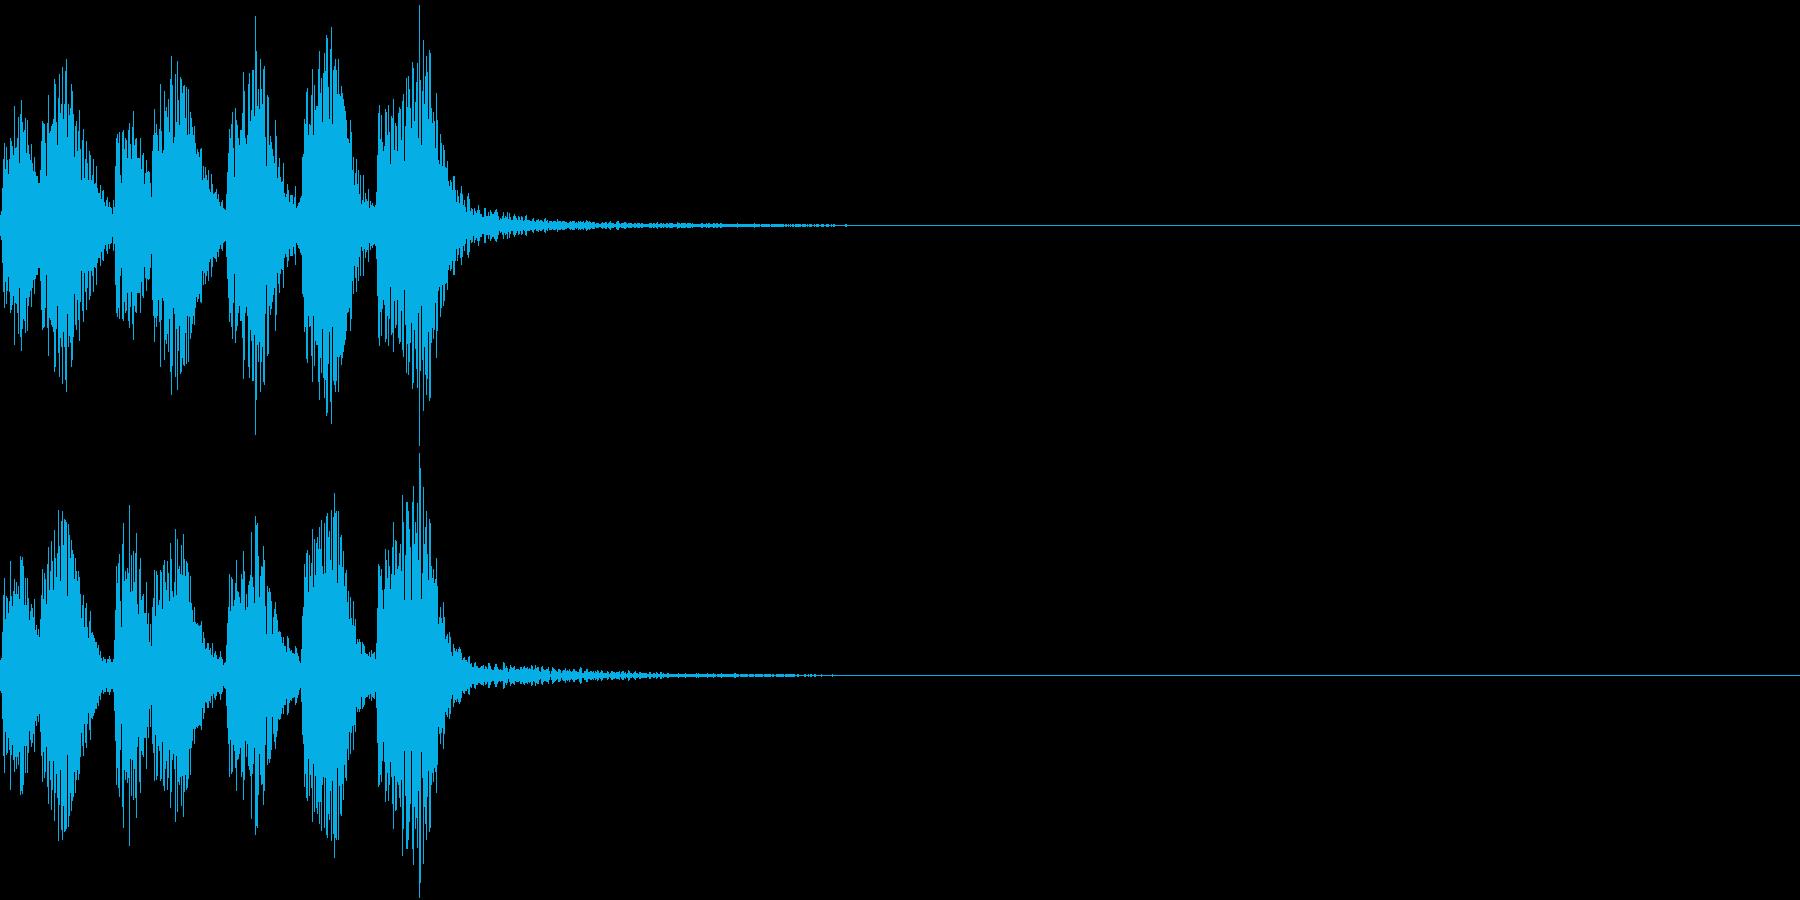 お知らせ 悪い バッド ニュース 3の再生済みの波形